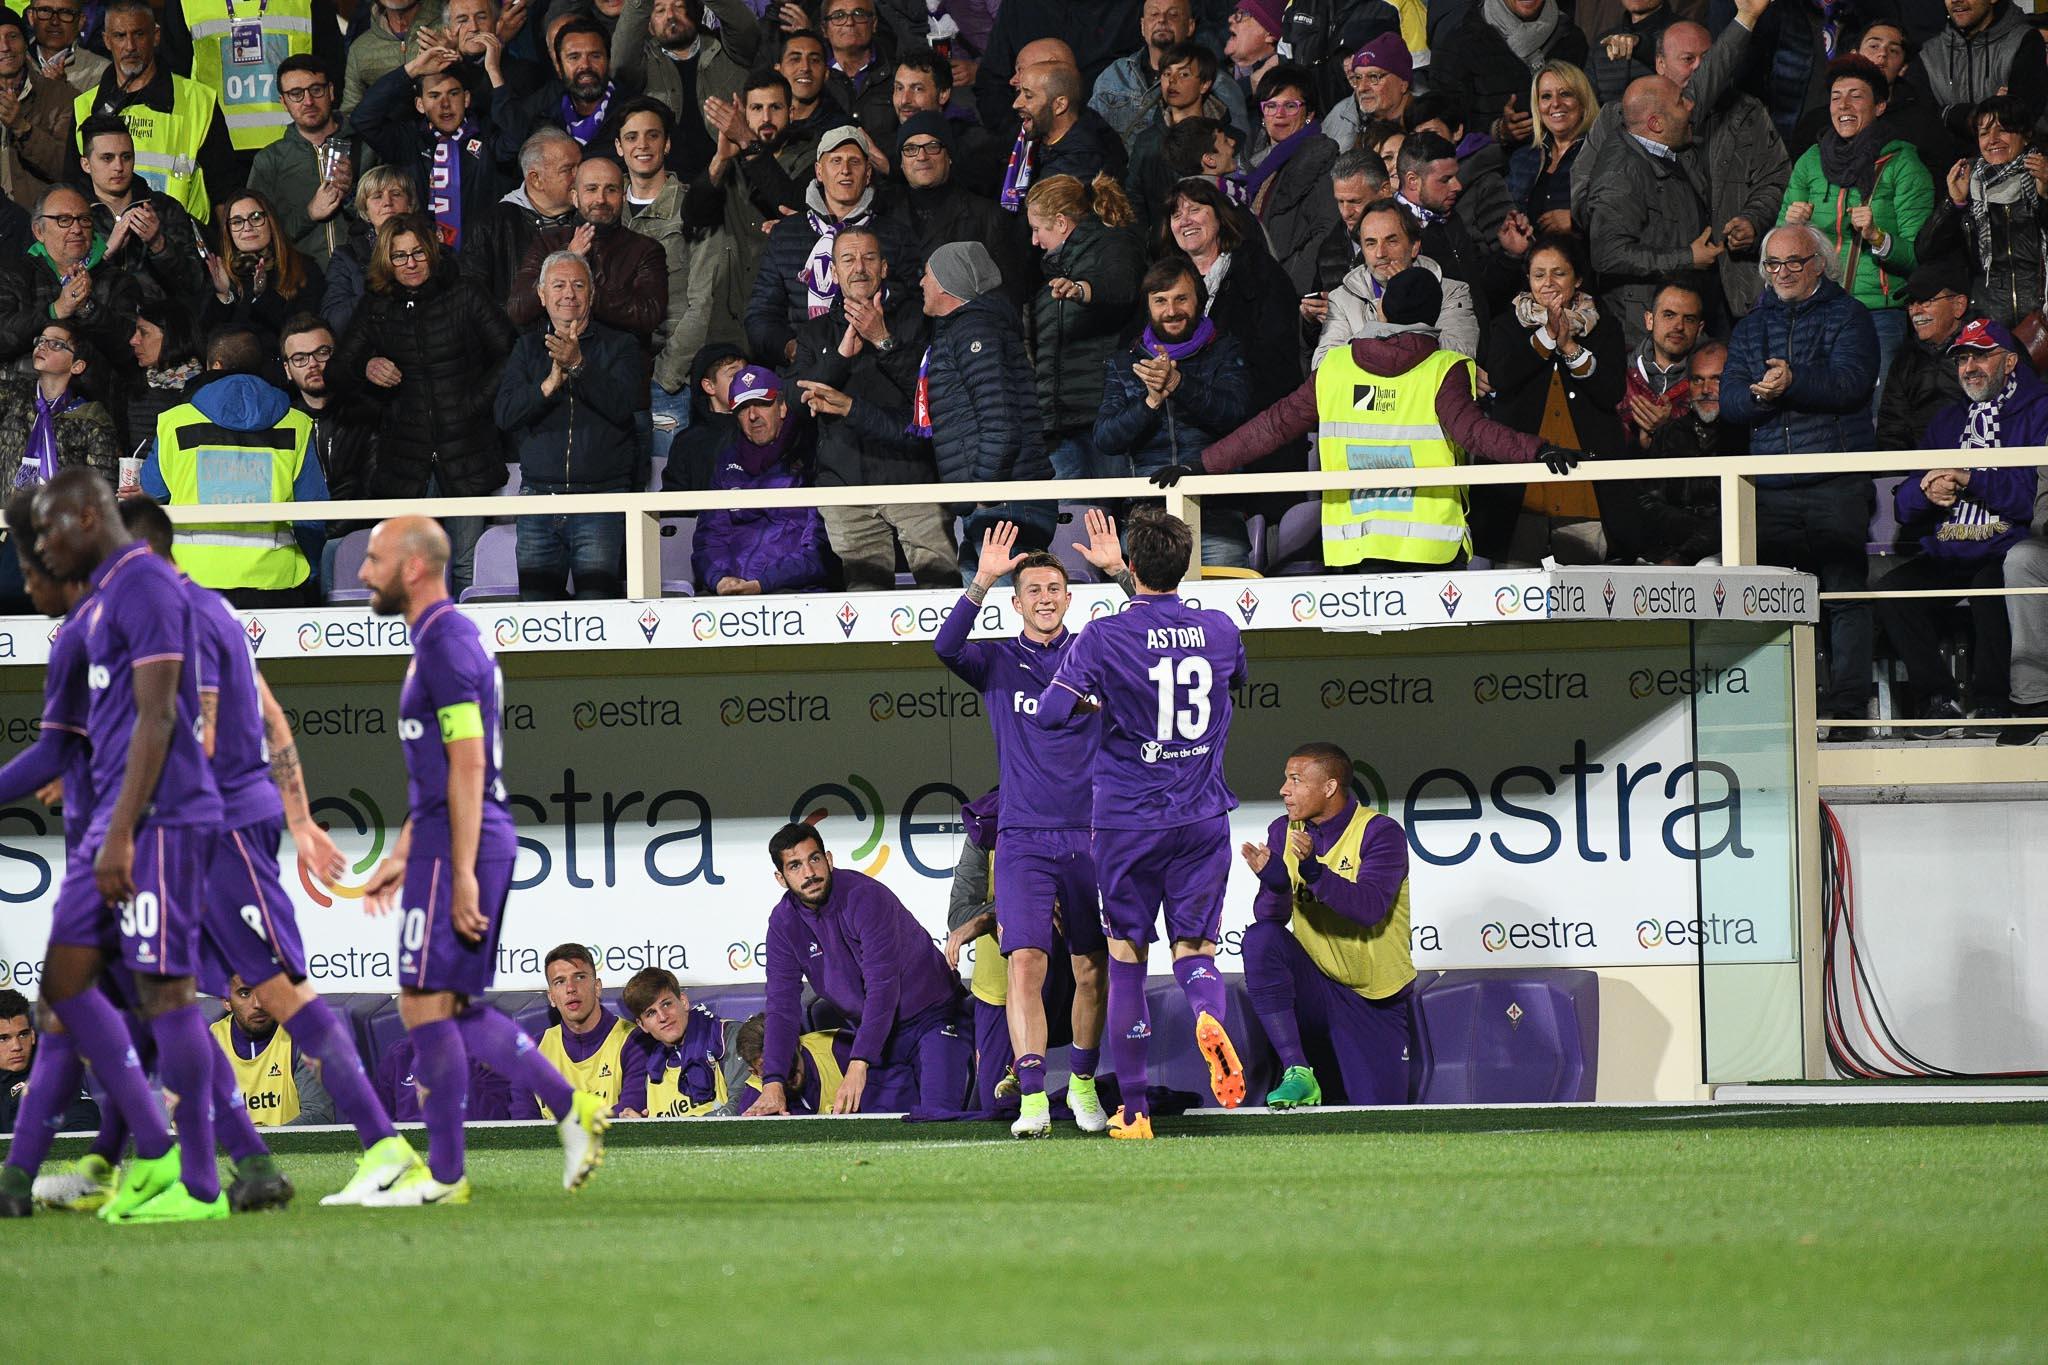 Calciomercato: Juve in pressing per Bernardeschi